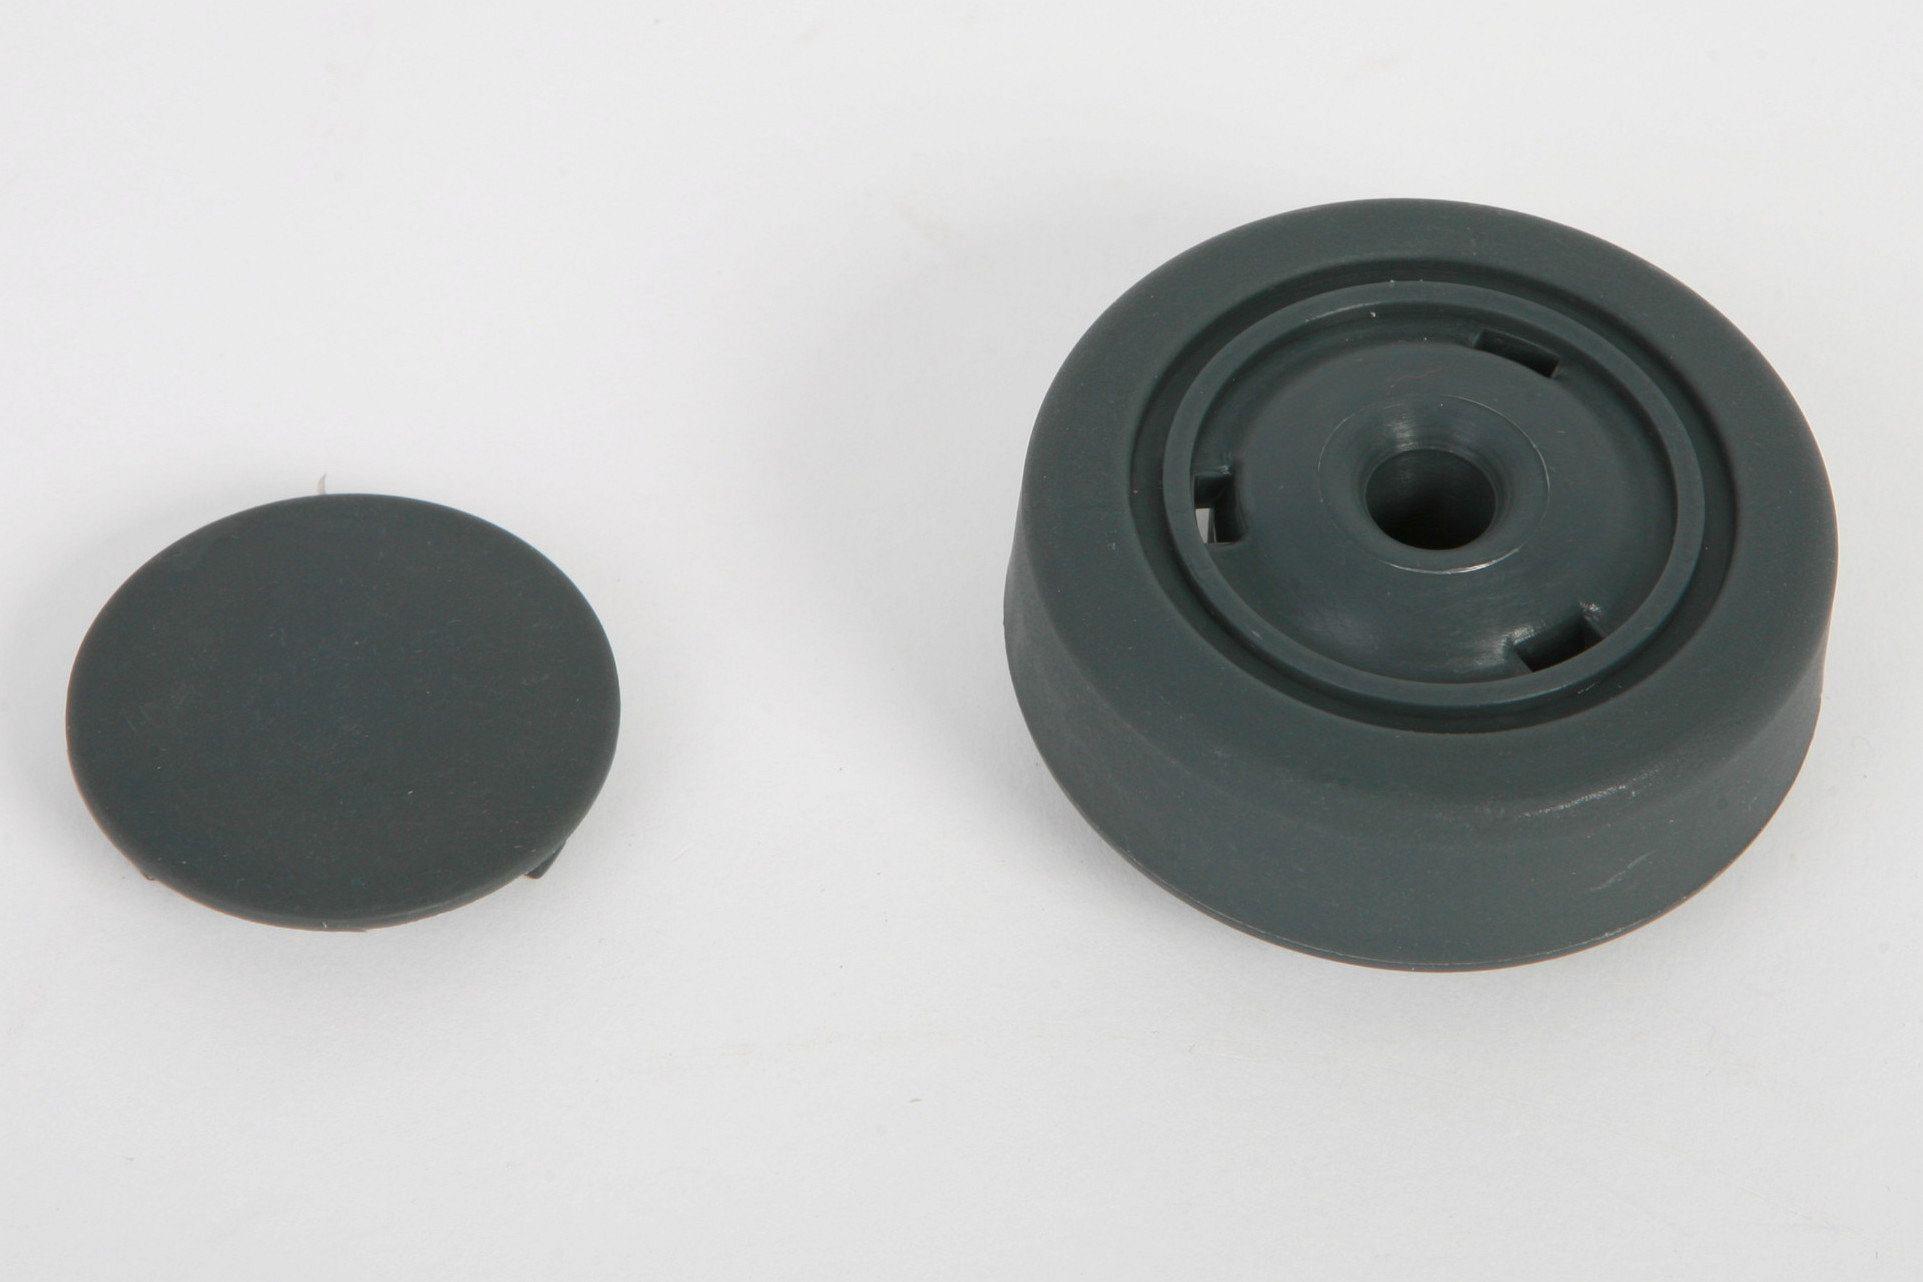 Ersatz  Hinter  Rad geeignet zur Reparatur Vorwerk EB 370